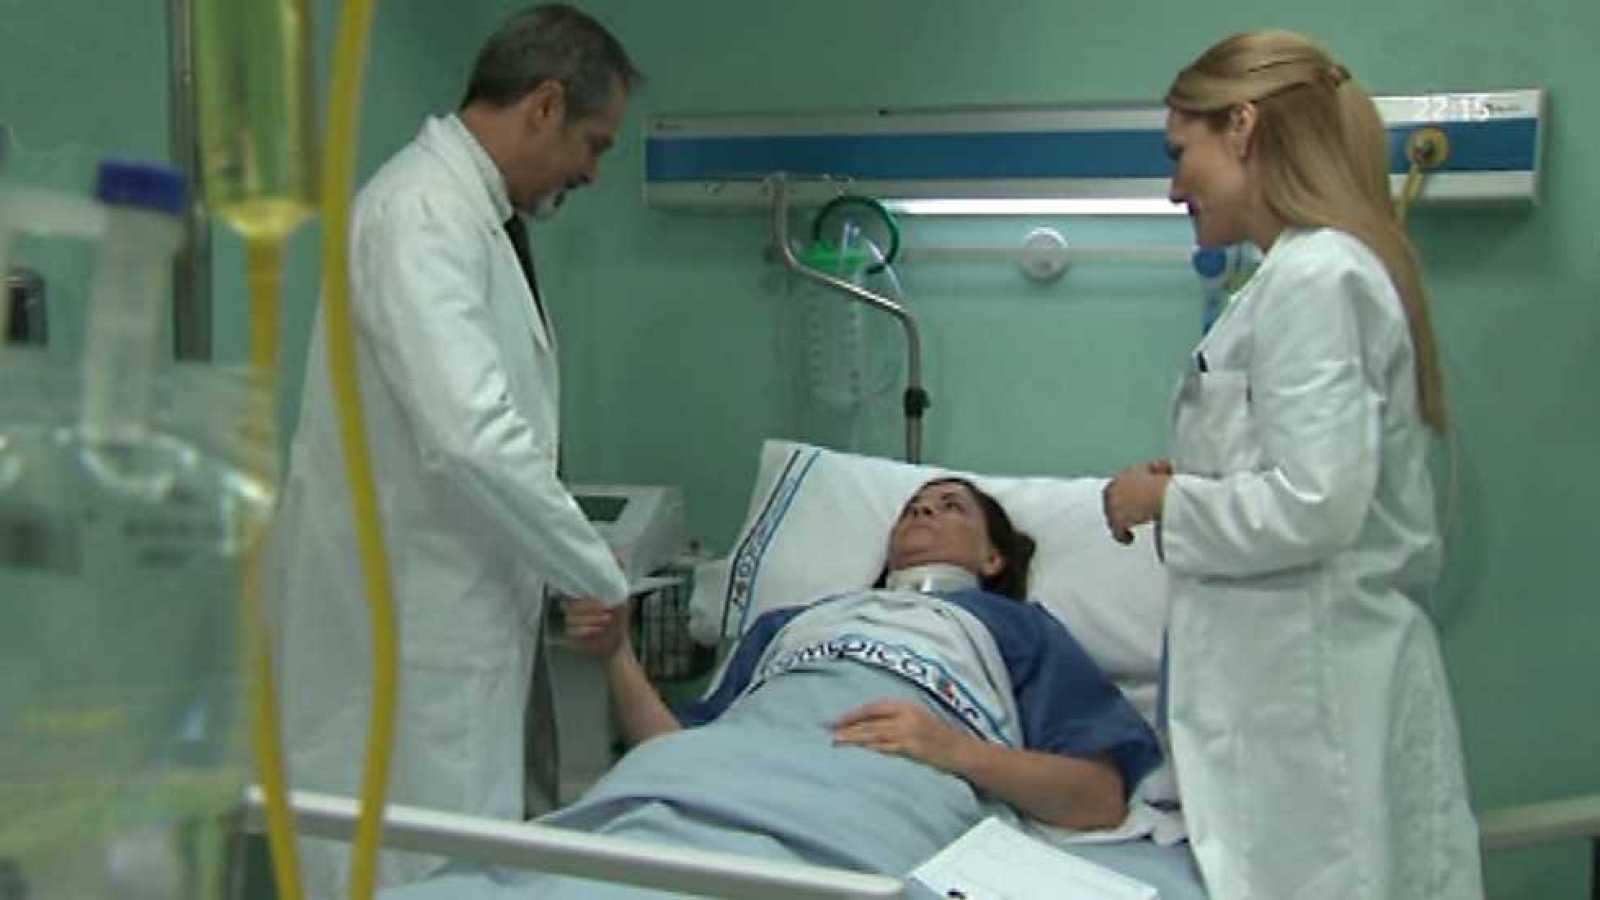 46550459a ... Centro médico - 29 03 16 - ver ahora reproducir video